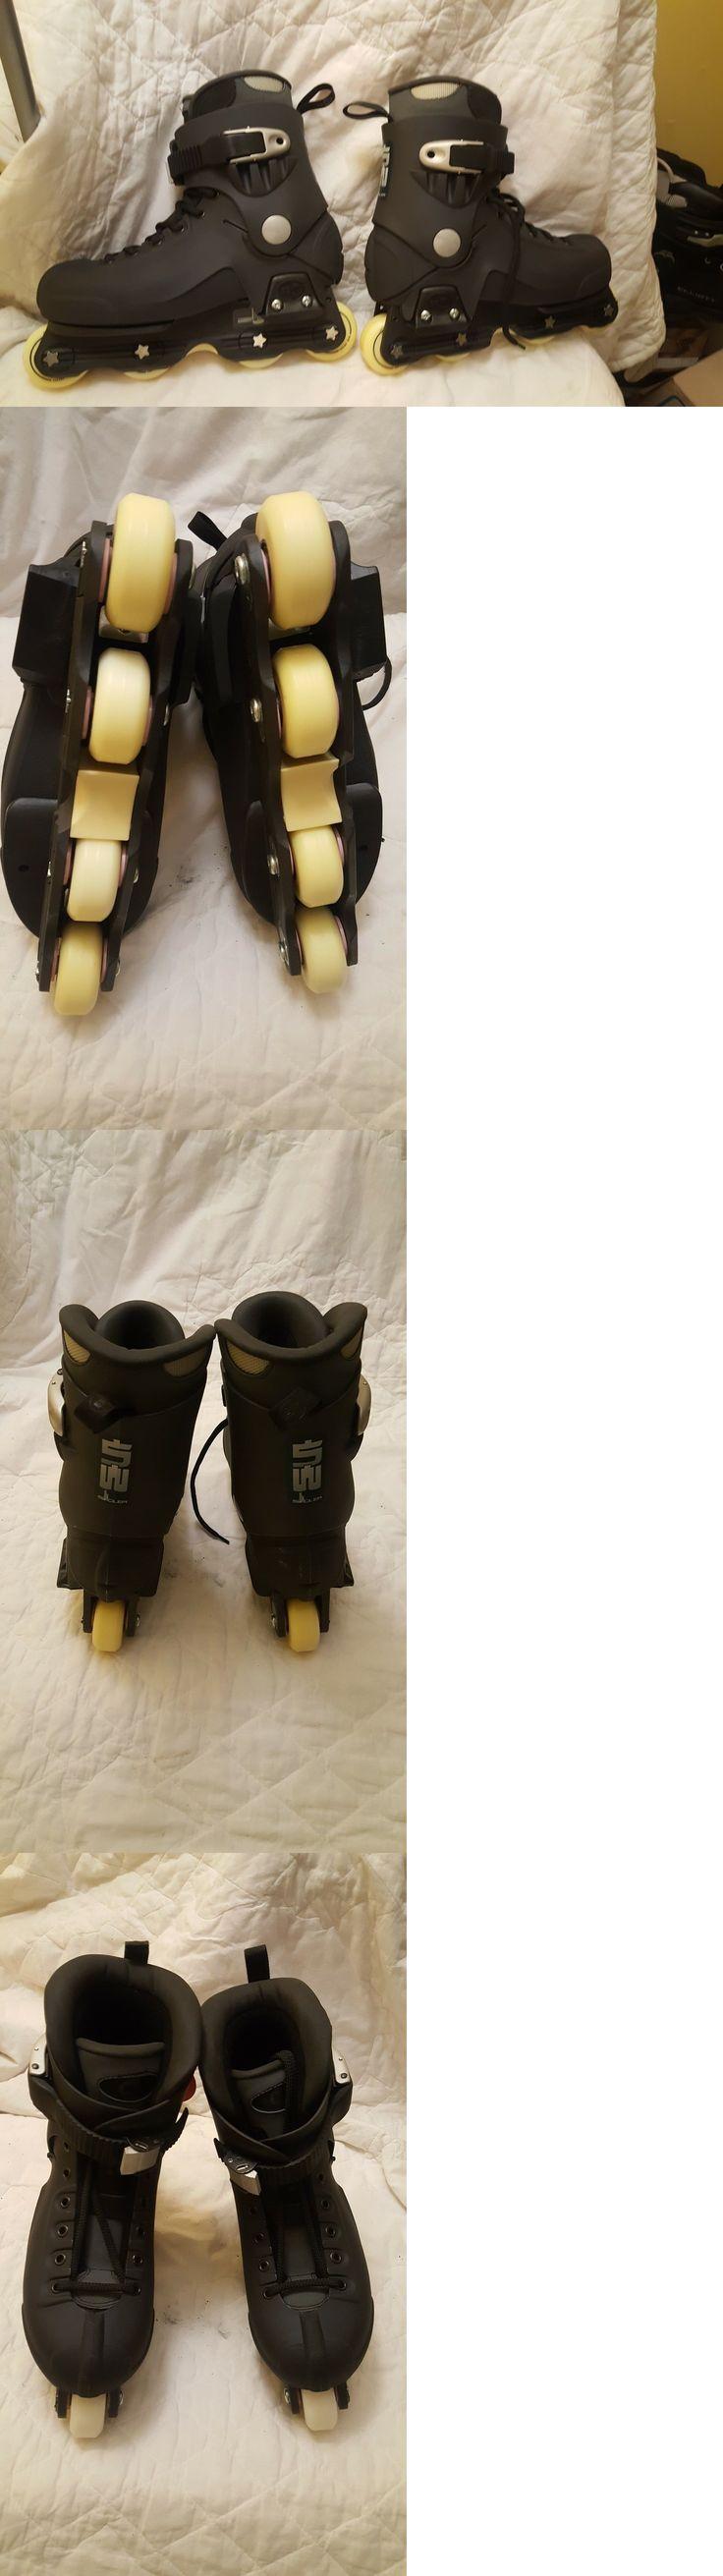 Men 47346: Vintage Rollerblade Swindler Aggressive Skates Size 3 Us -> BUY IT NOW ONLY: $34.95 on eBay!